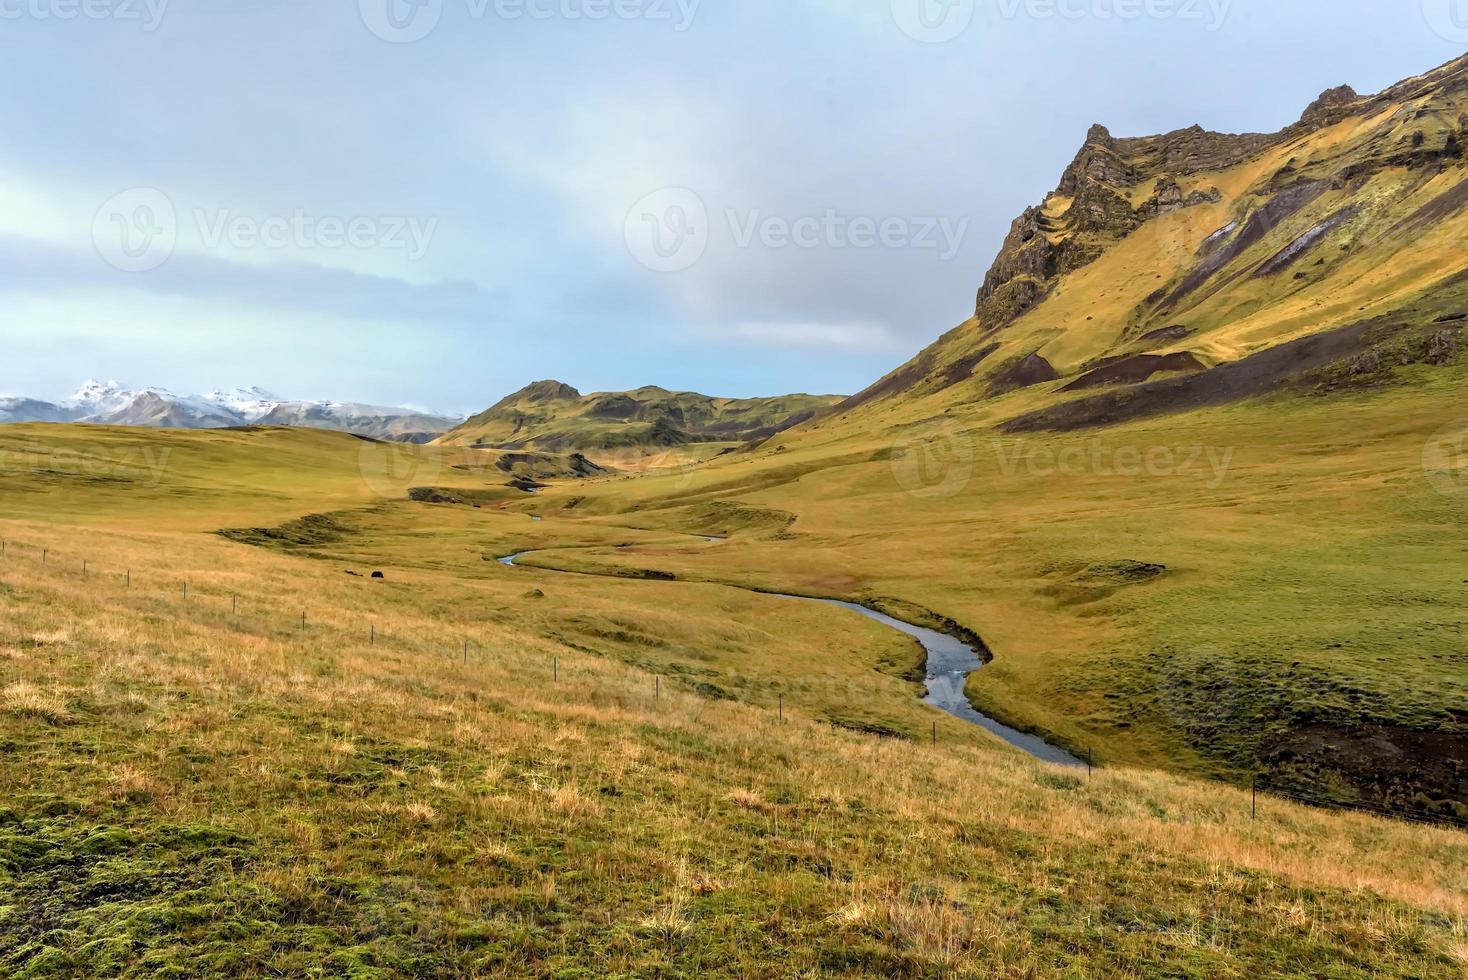 Island, vackert arktiskt landskap, vilda fält foto